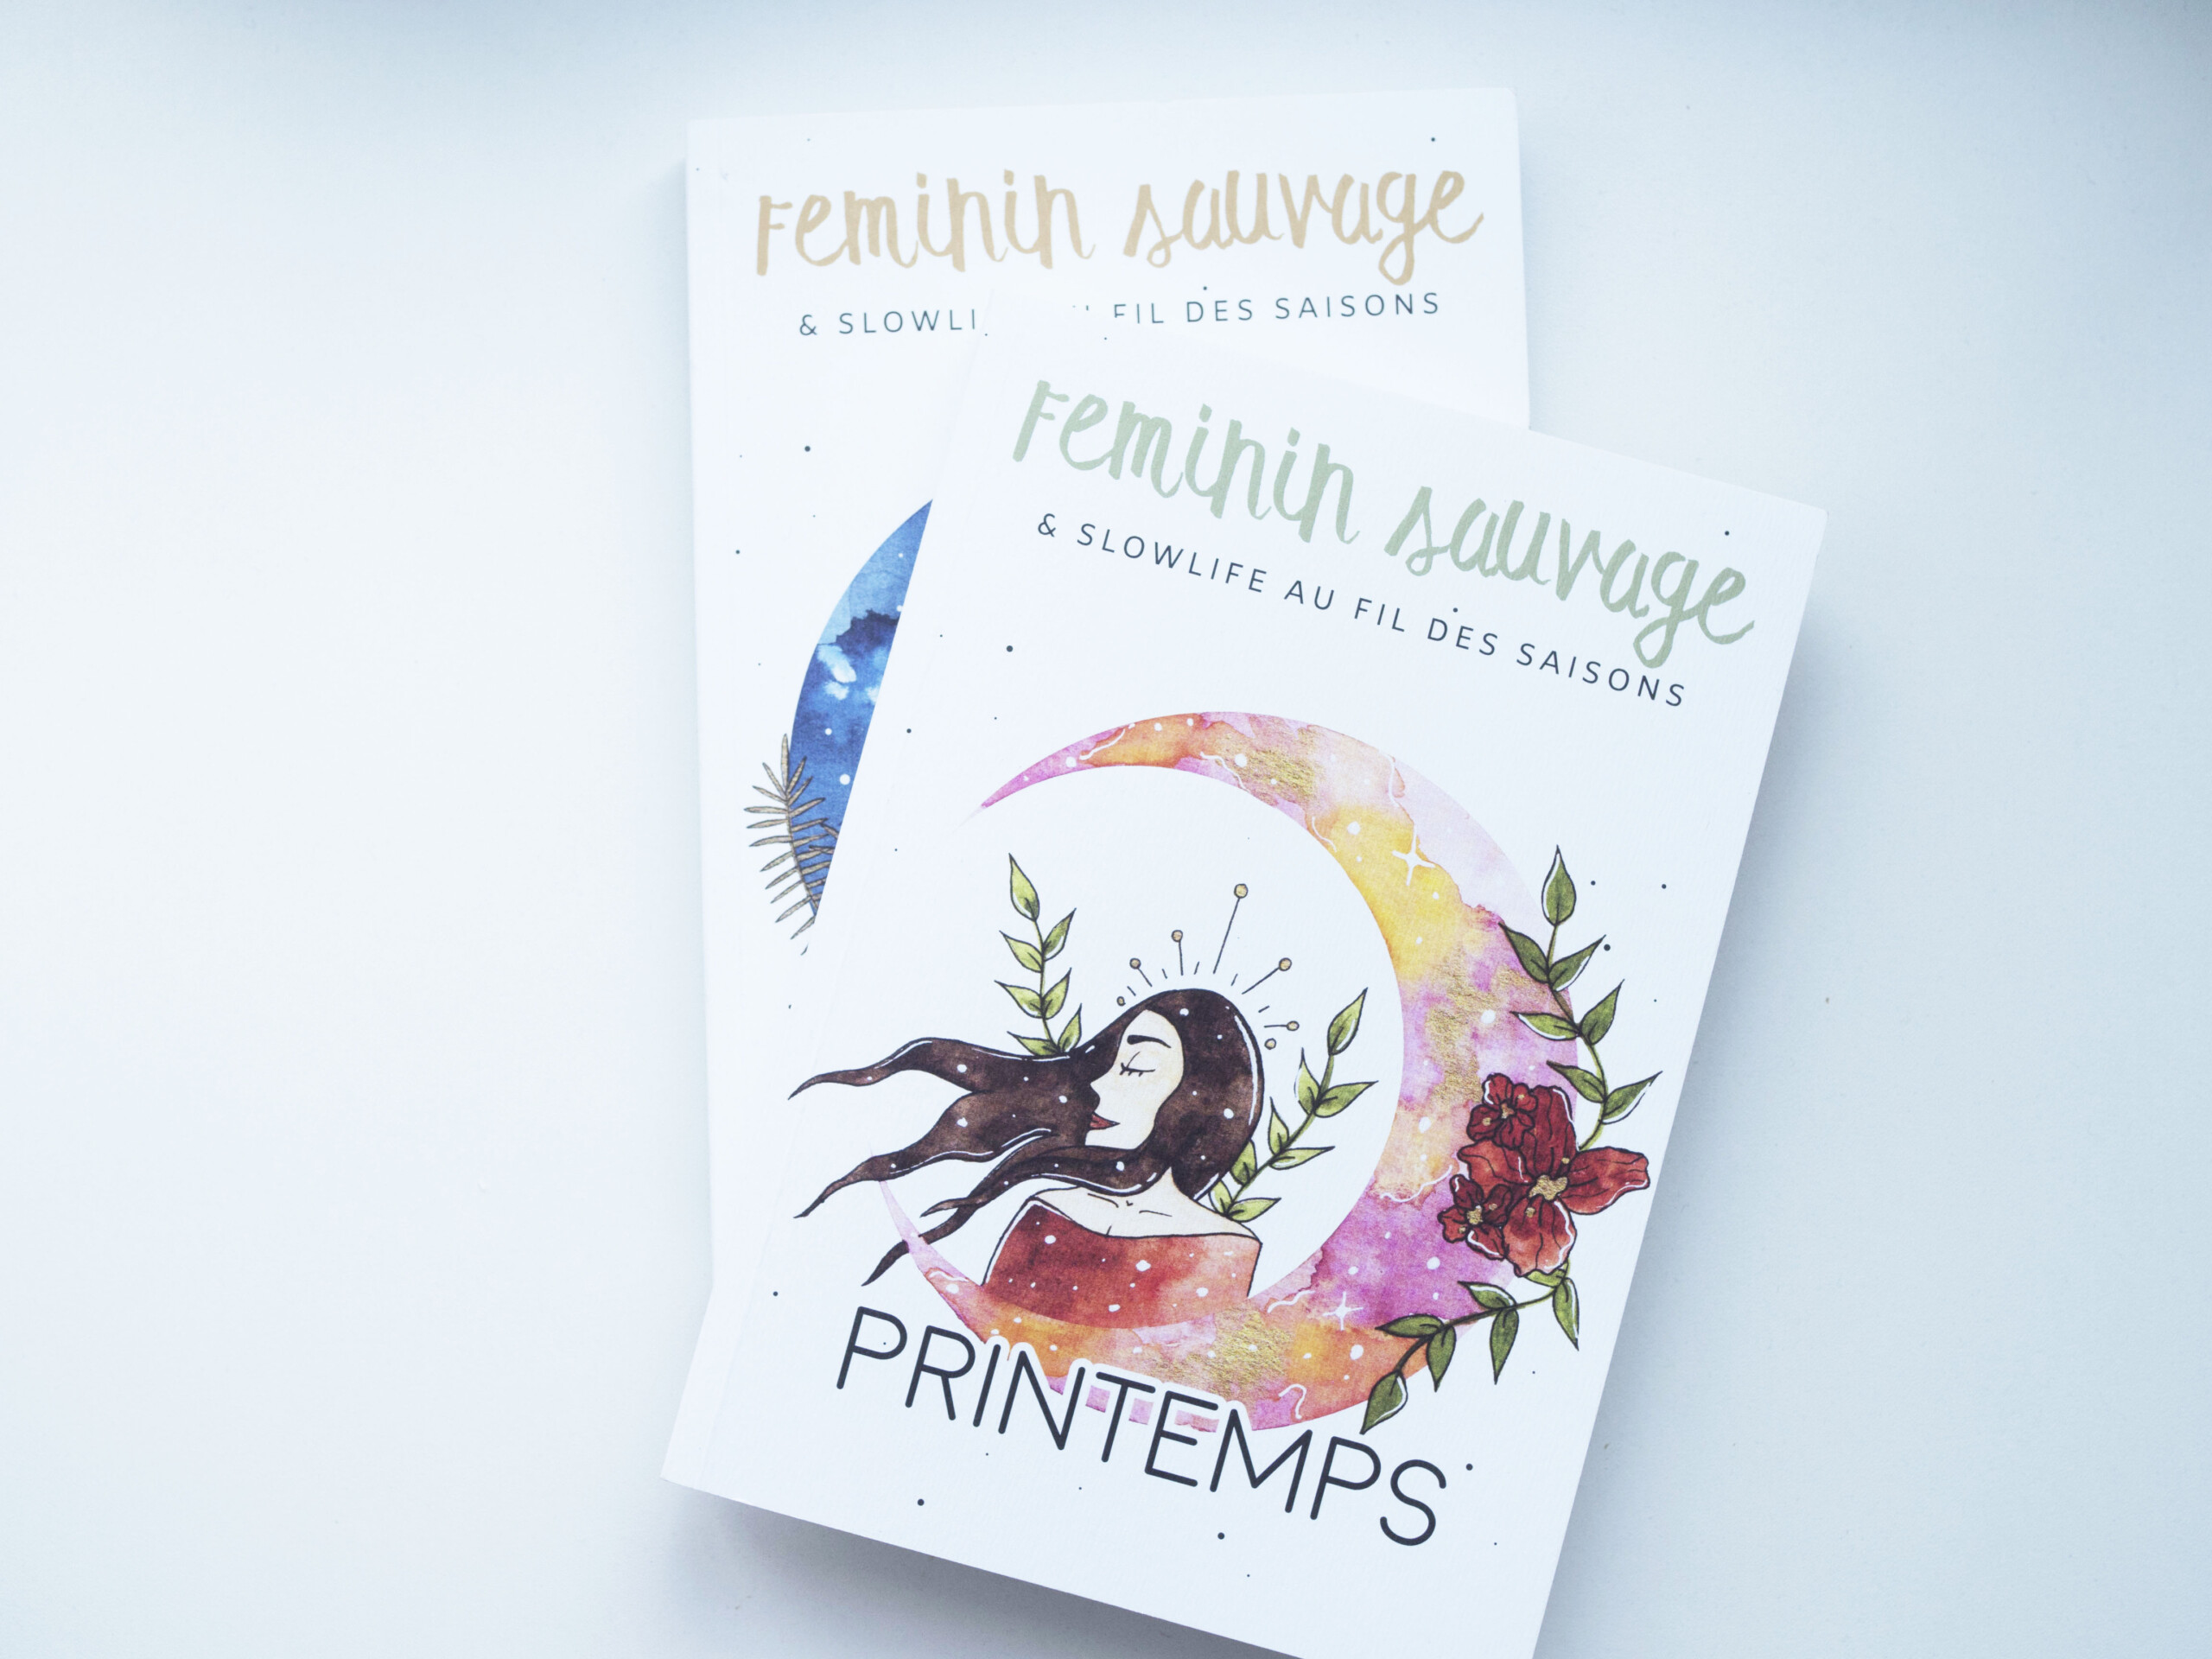 livres-féminité-sauvage-au-fil-des-saisons